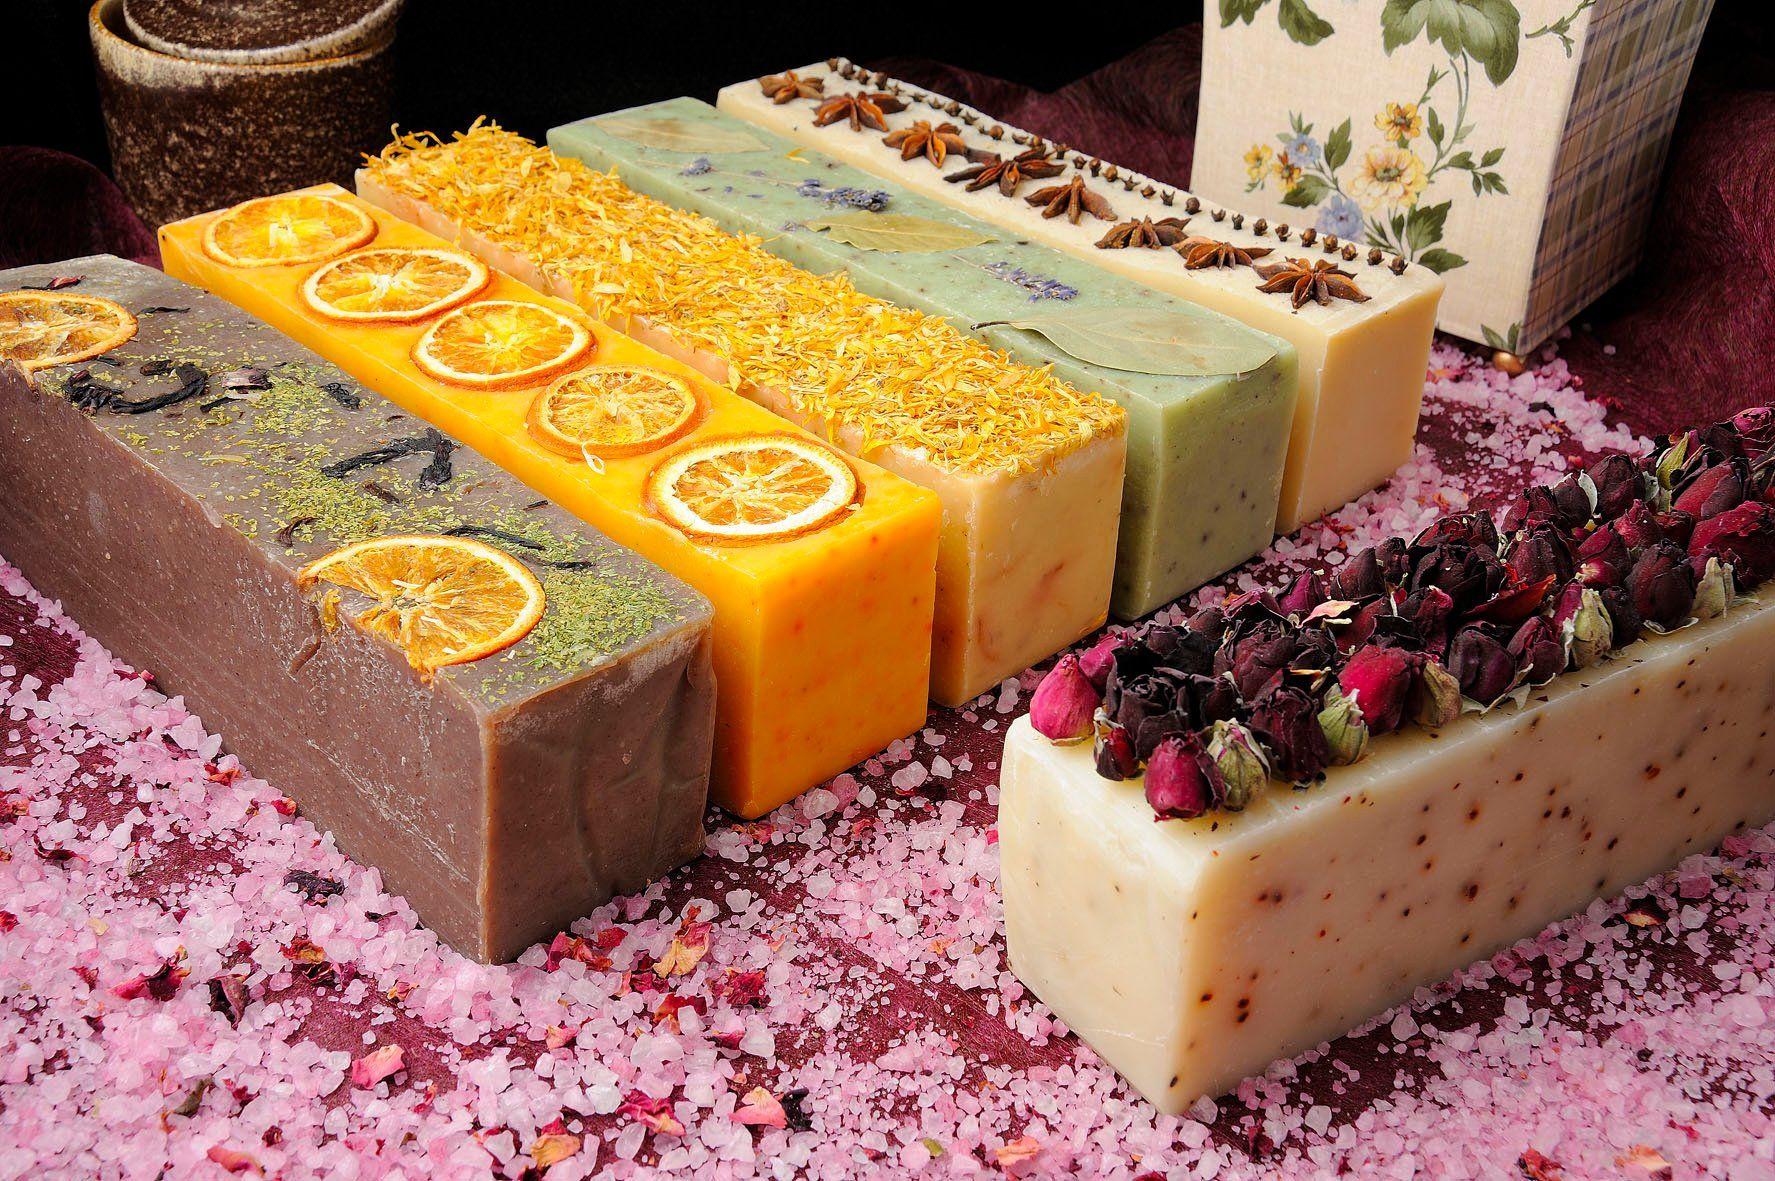 Натуральное мыло: виды, состав и рецепты приготовления мыла своими руками в домашних условиях